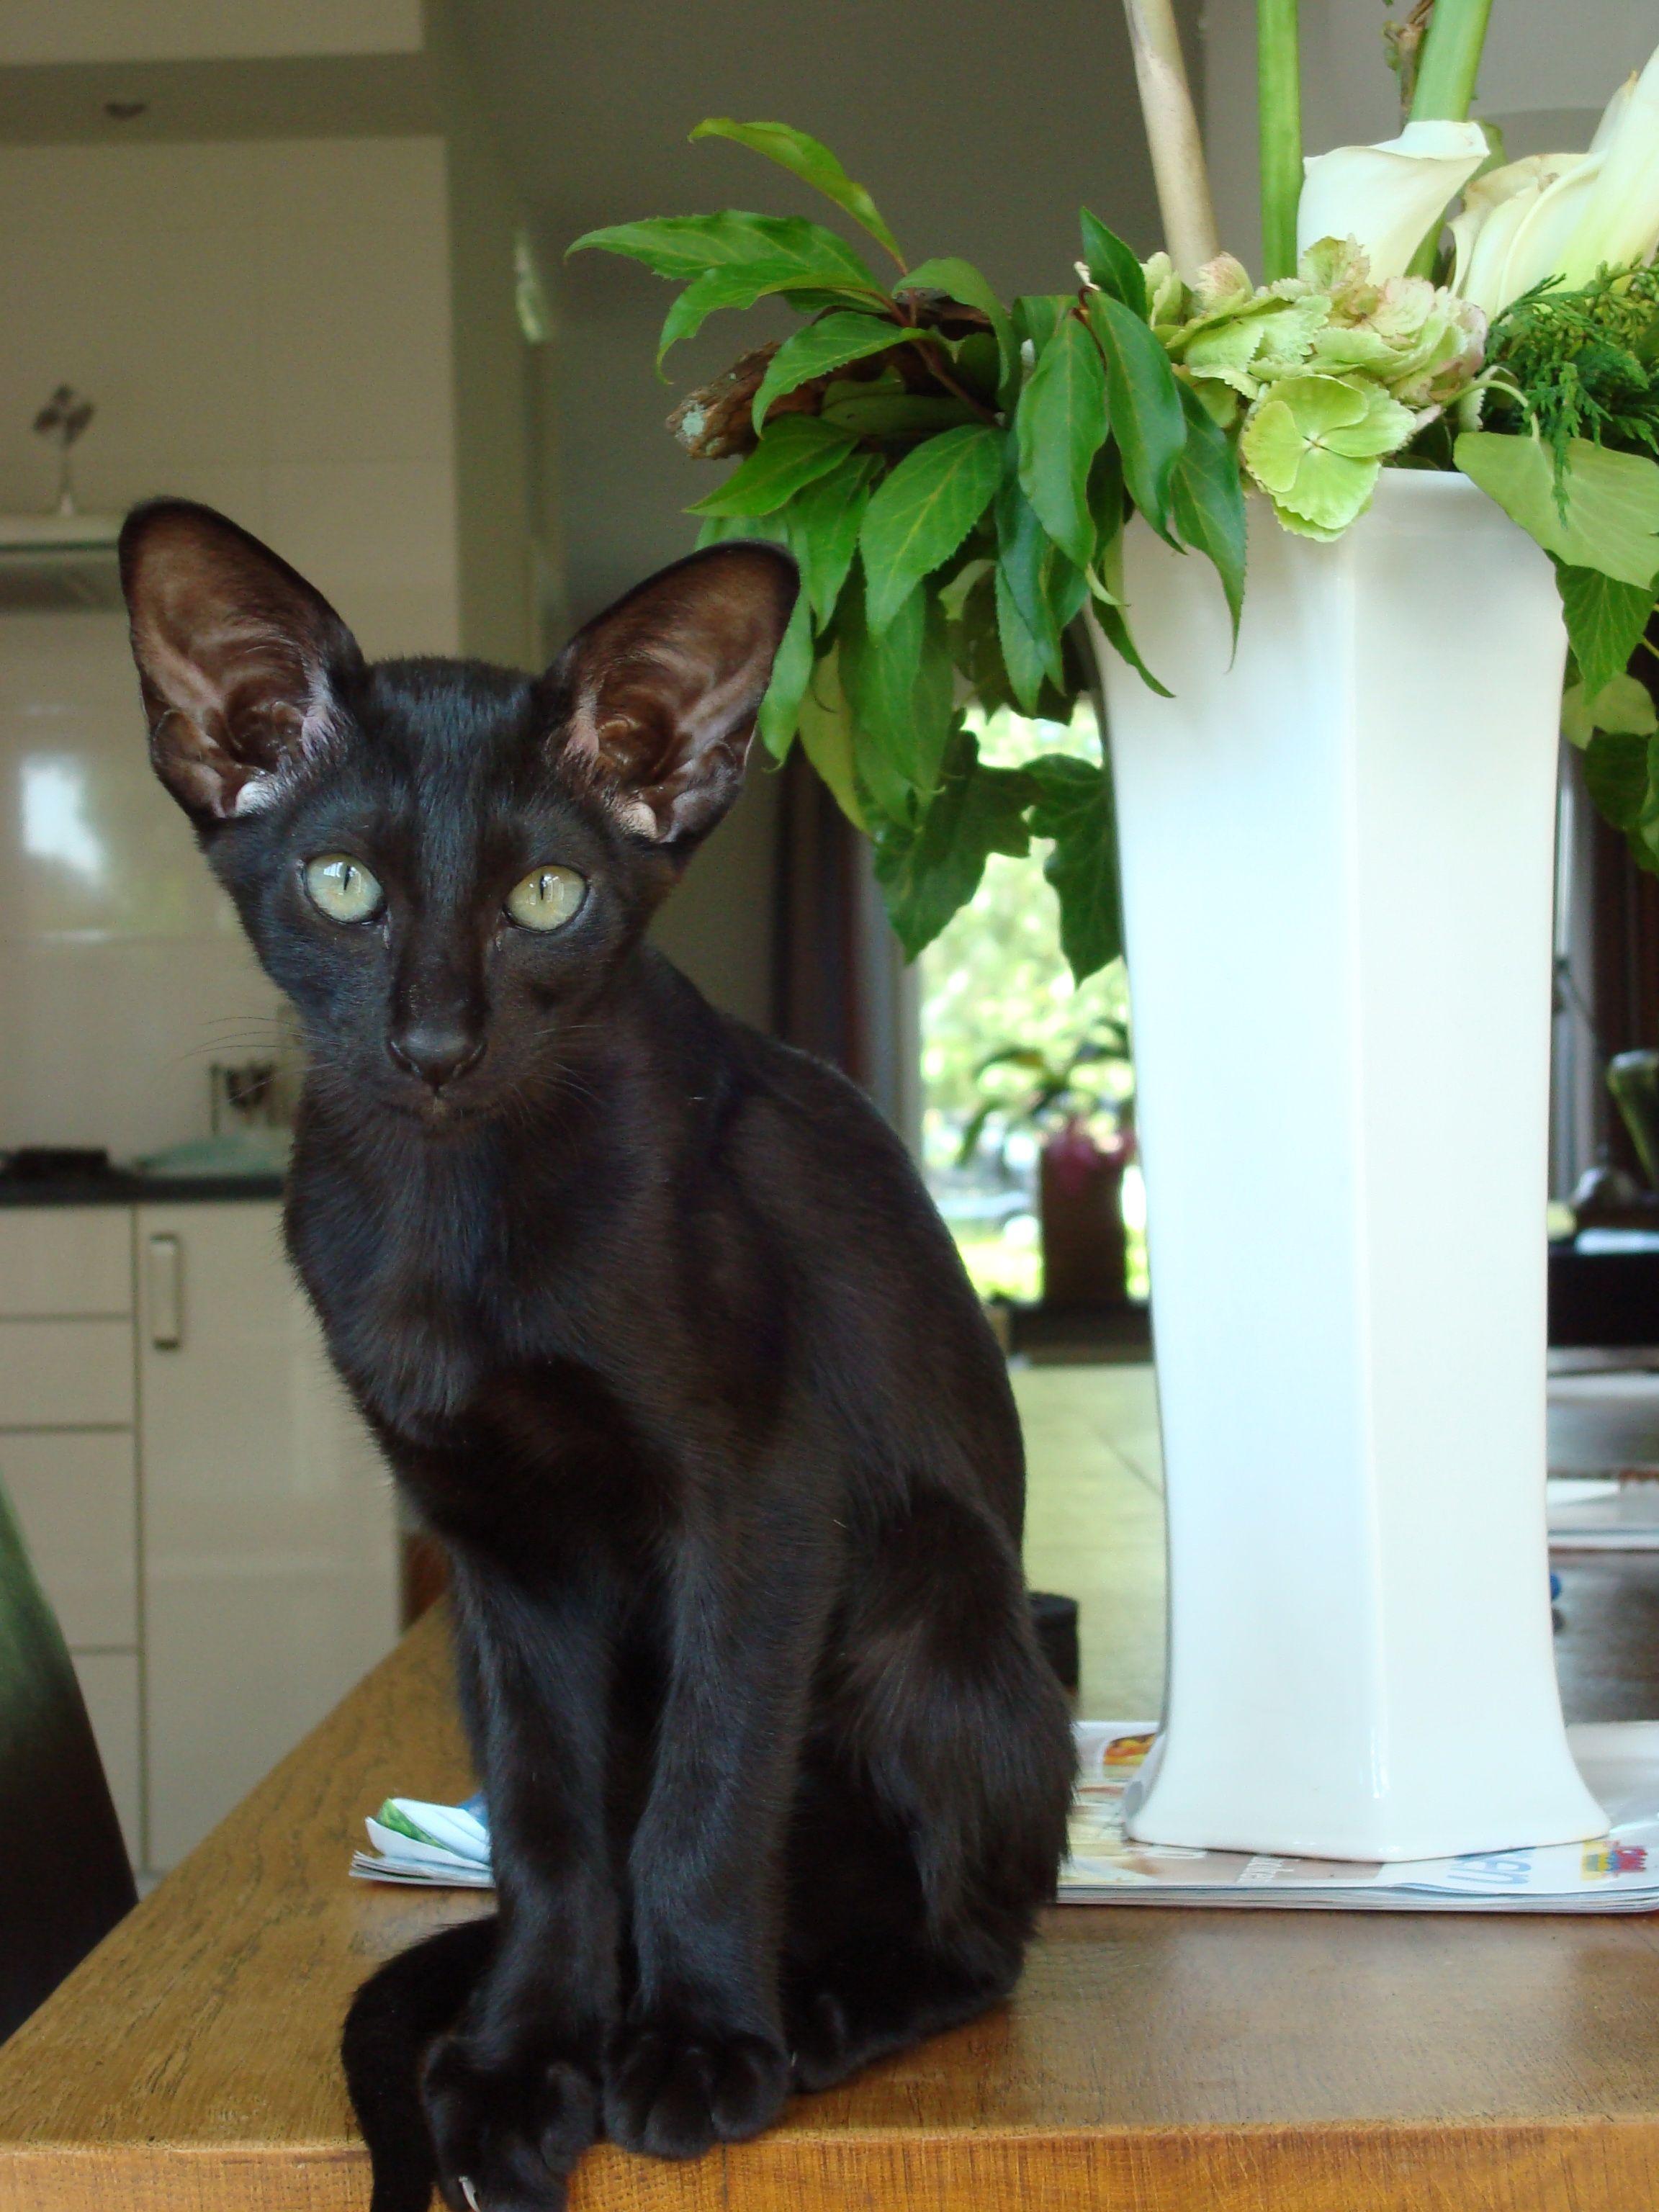 Black Siamese Cat Beautiful cat. I love how this cat looks